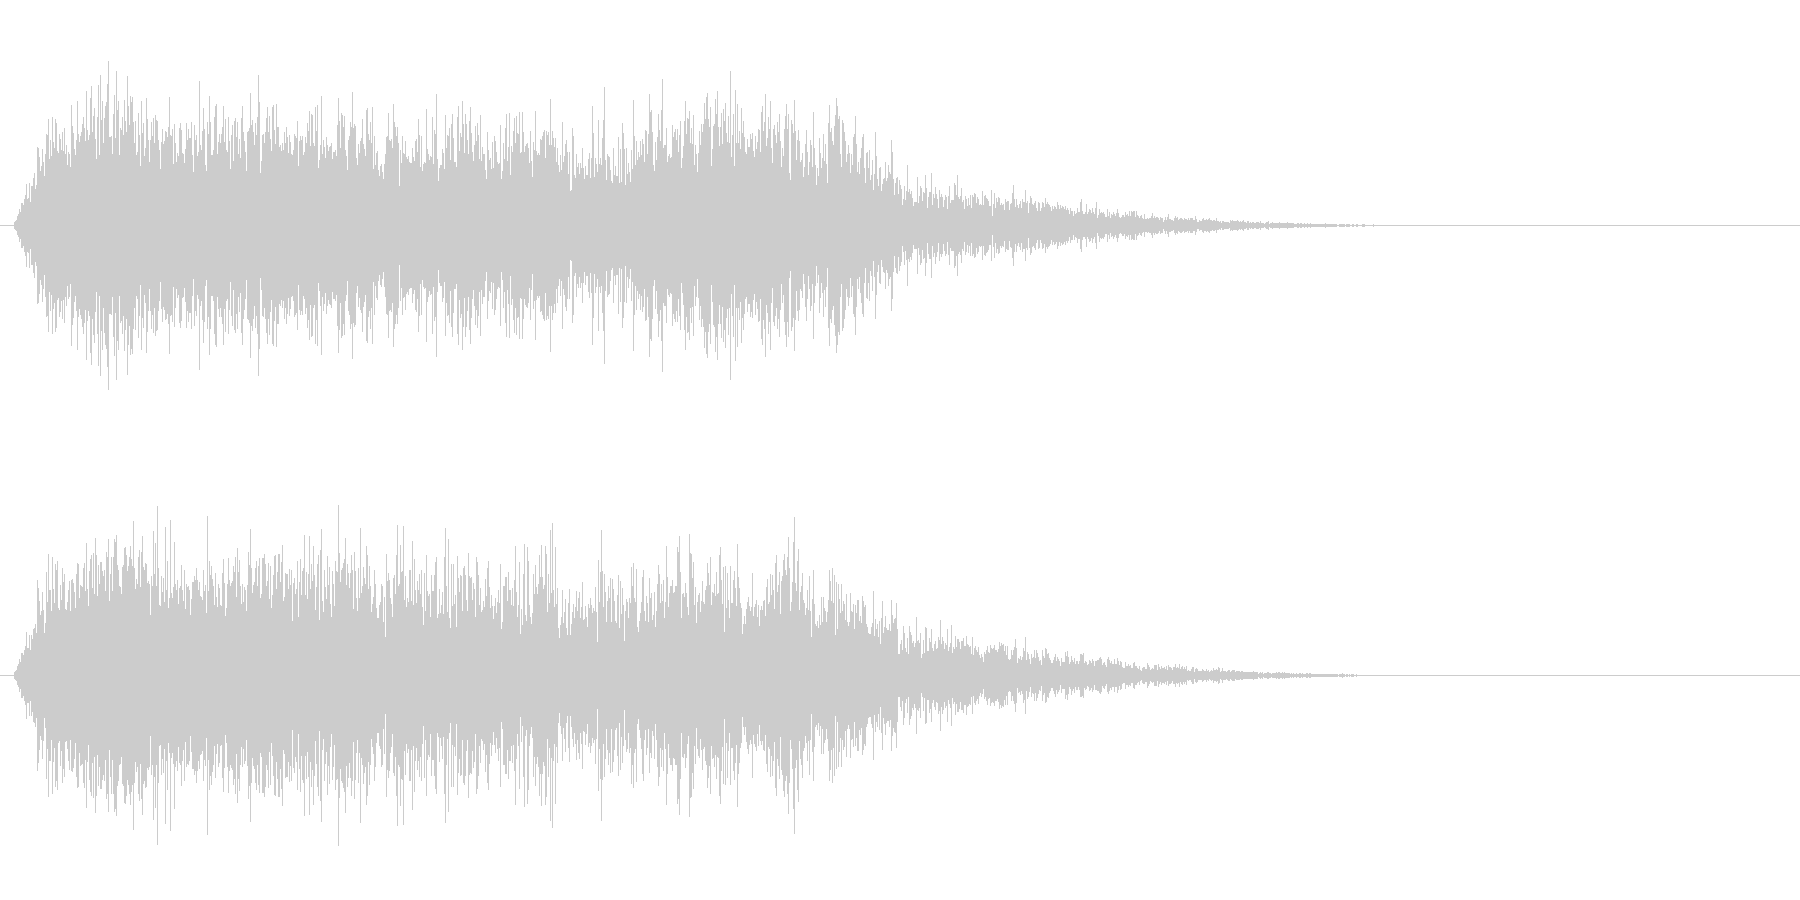 竜/ドラゴン/モンスターの鳴き声!02の未再生の波形